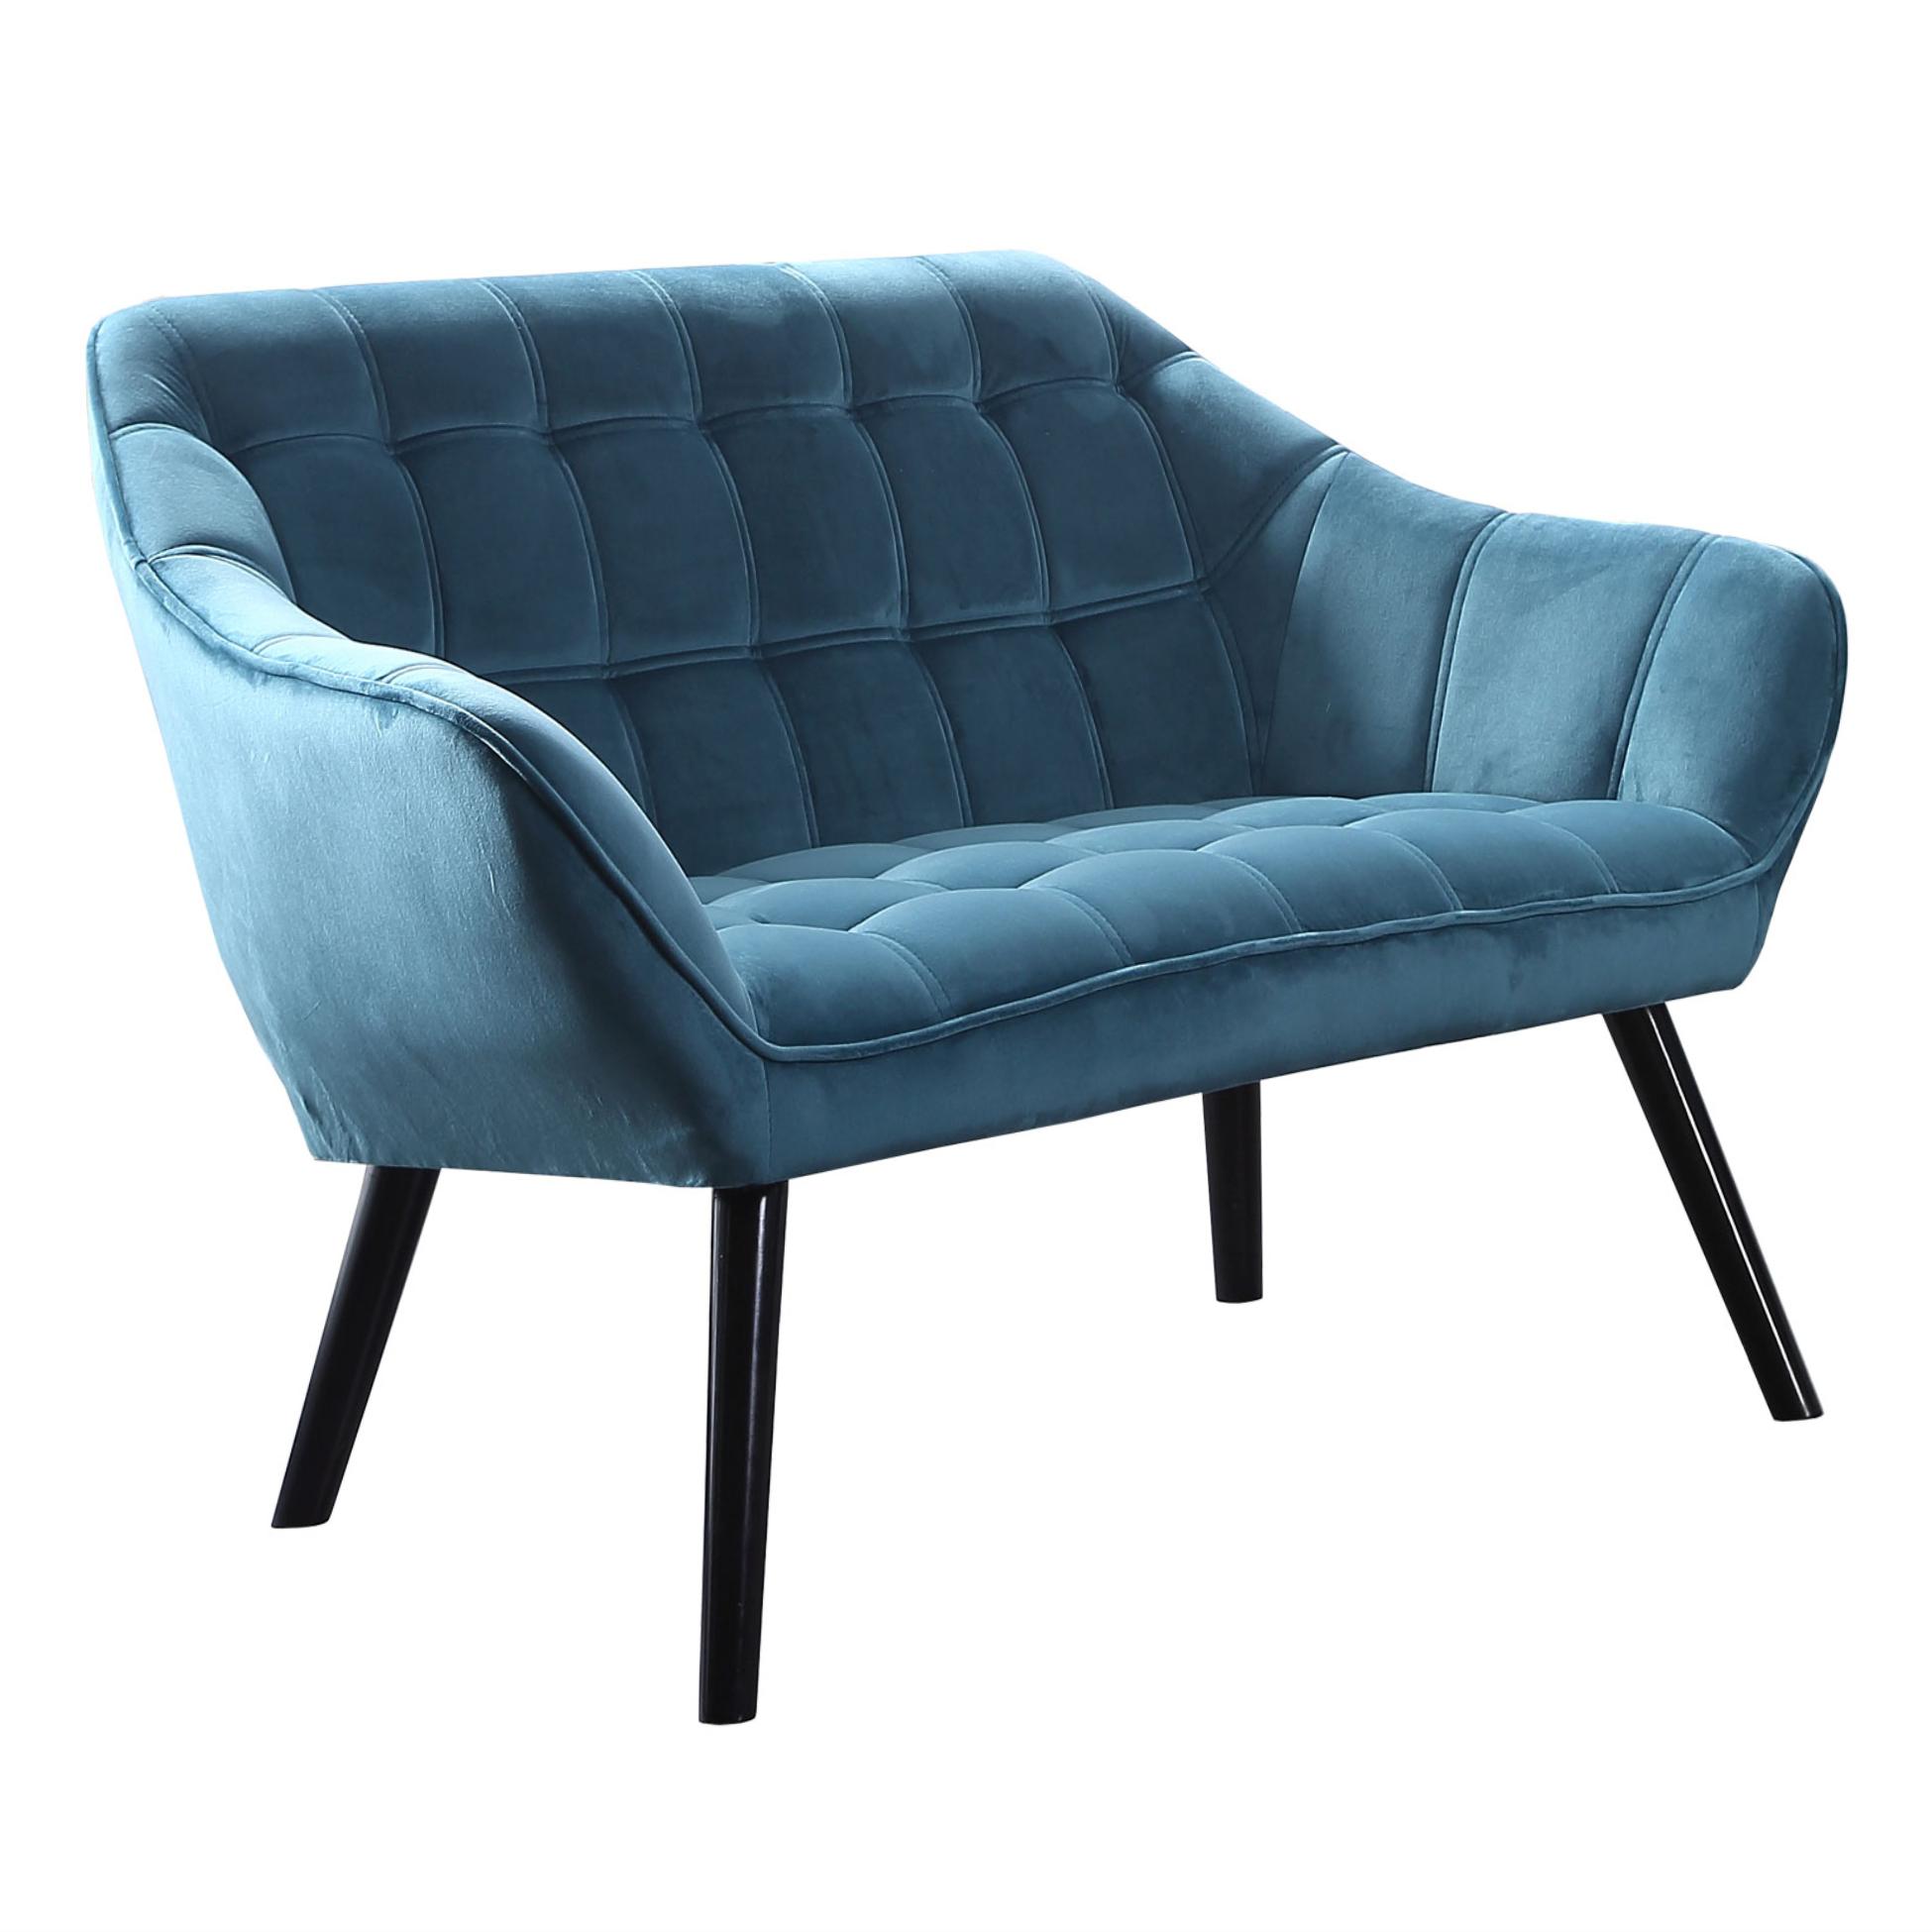 29899-sofa-irvin-tejido-aguamarina.png